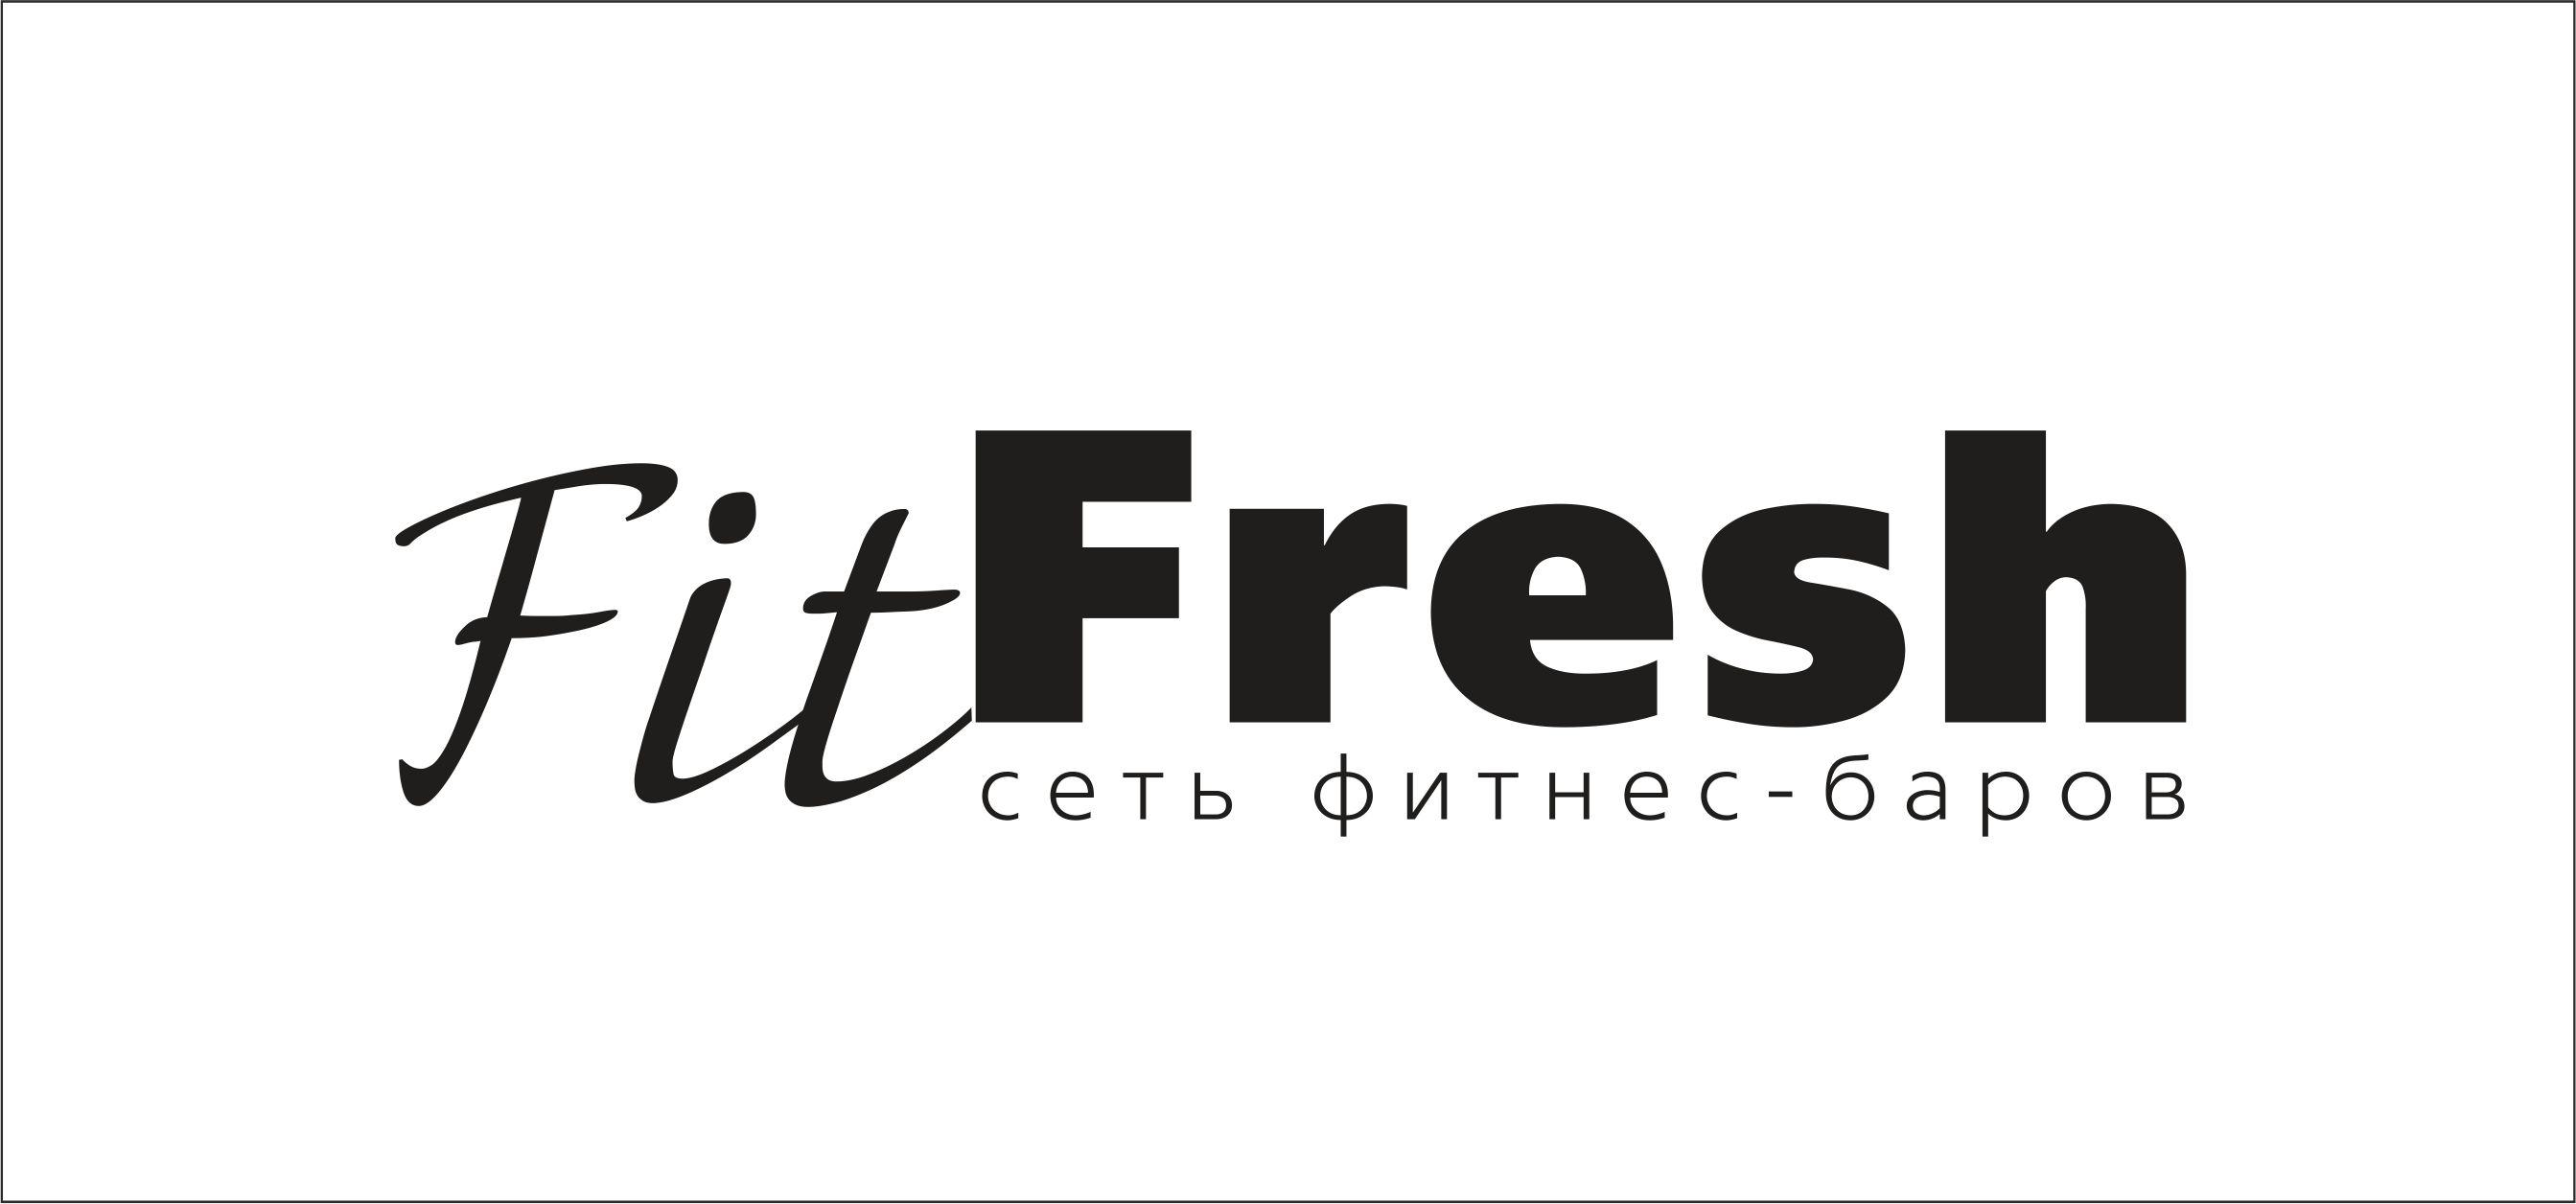 """Сеть фитнес баров """"Fitfresh"""""""